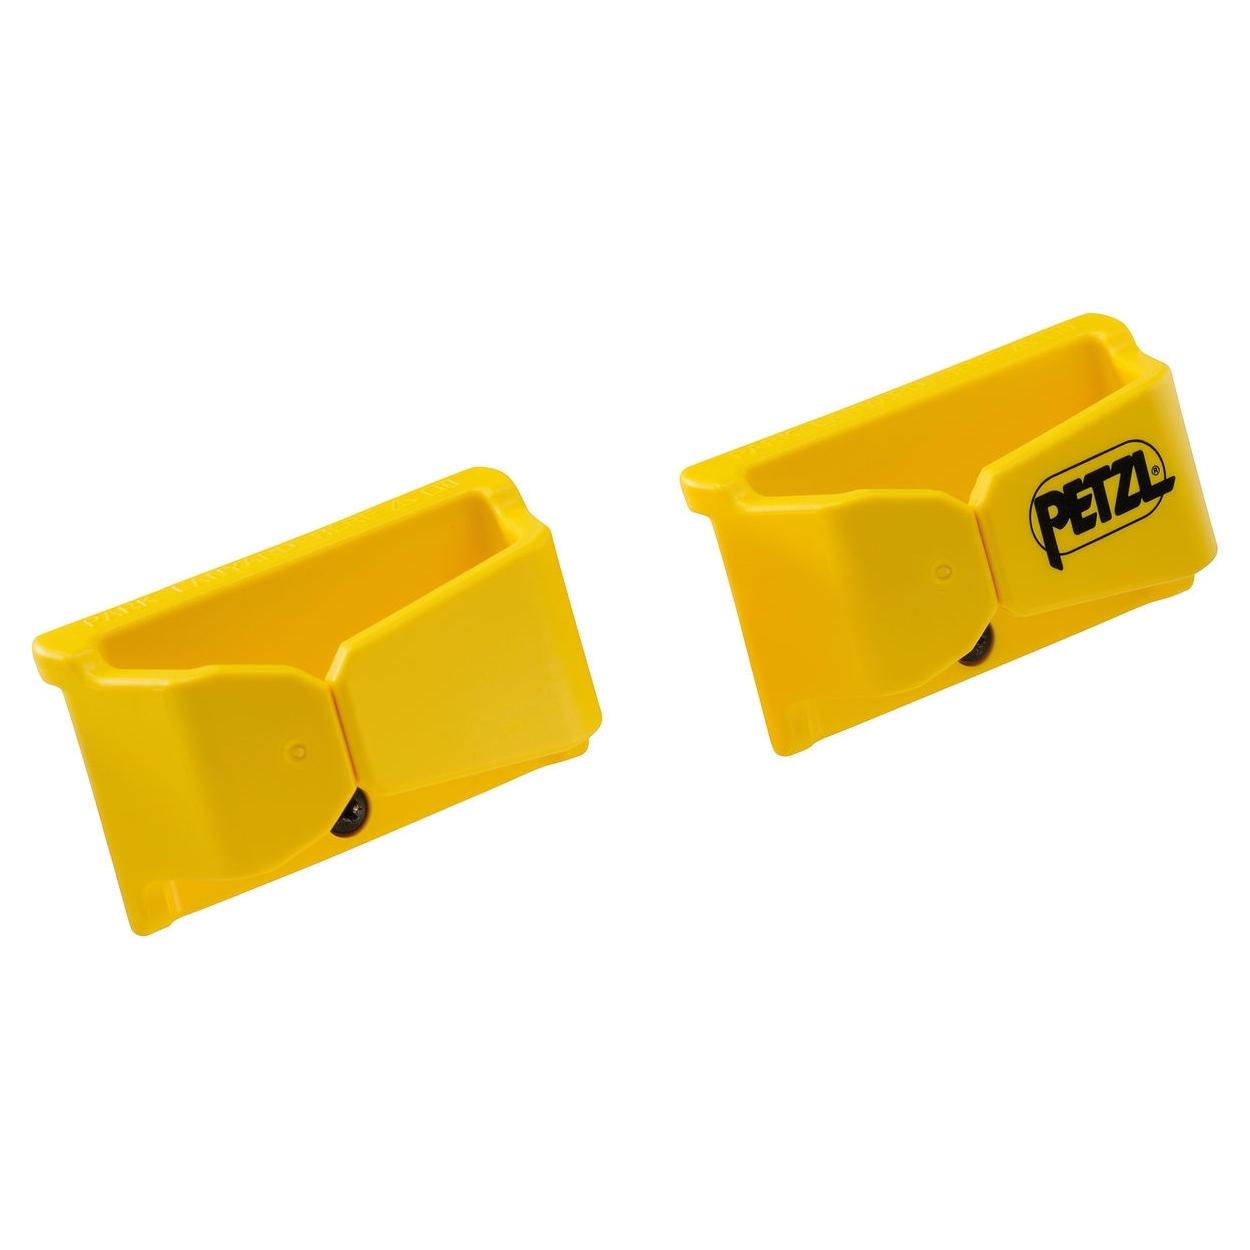 Portaconectores